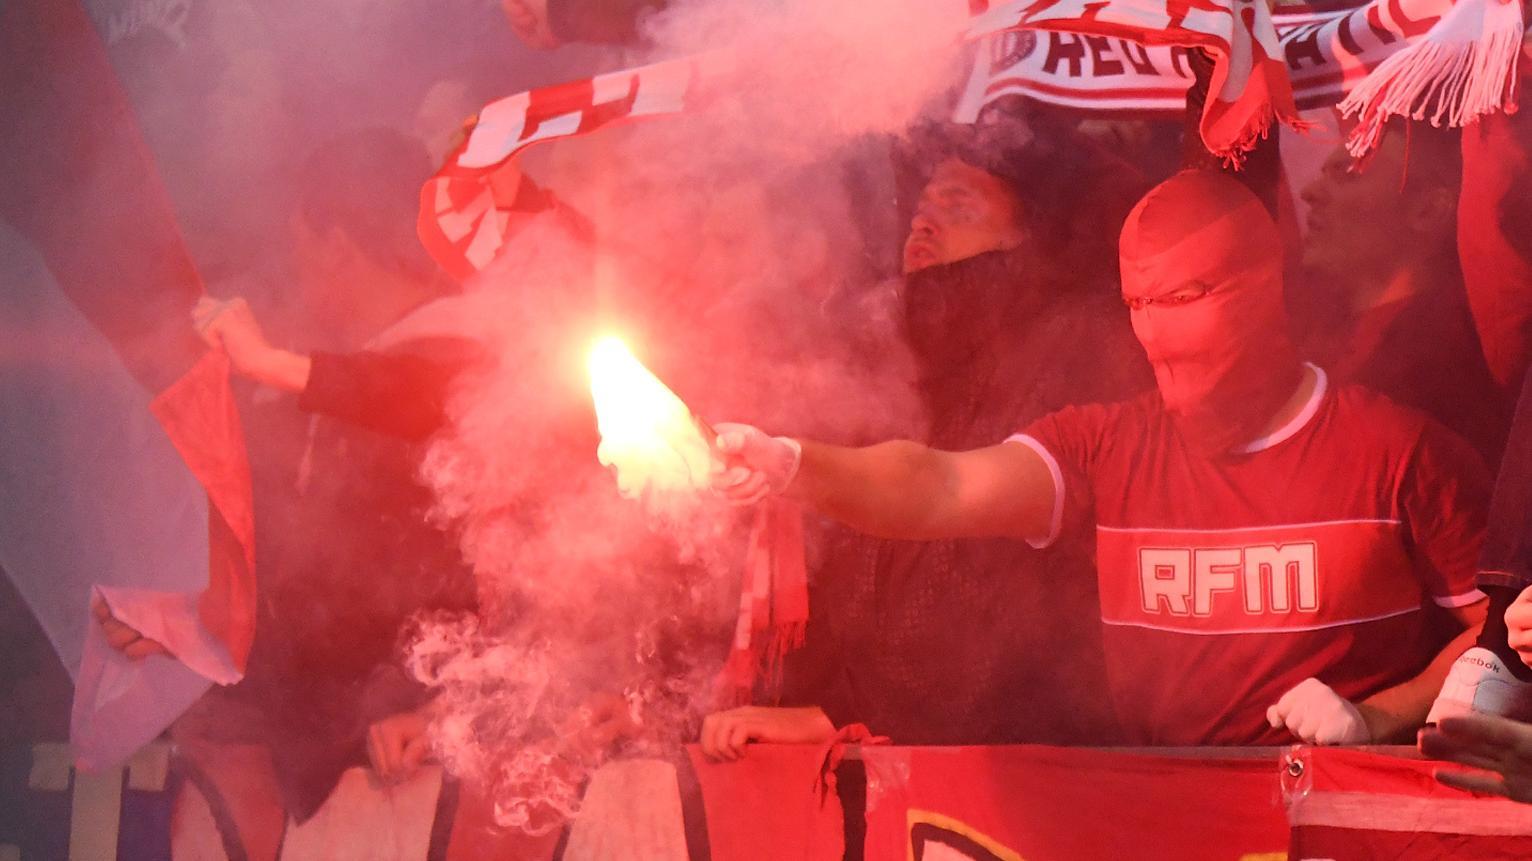 """Ultras vom Fanclub """"Schickeria"""" brennen Pyrotechnik bei Spiel Borussia Dortmund - FC Bayern München ab"""